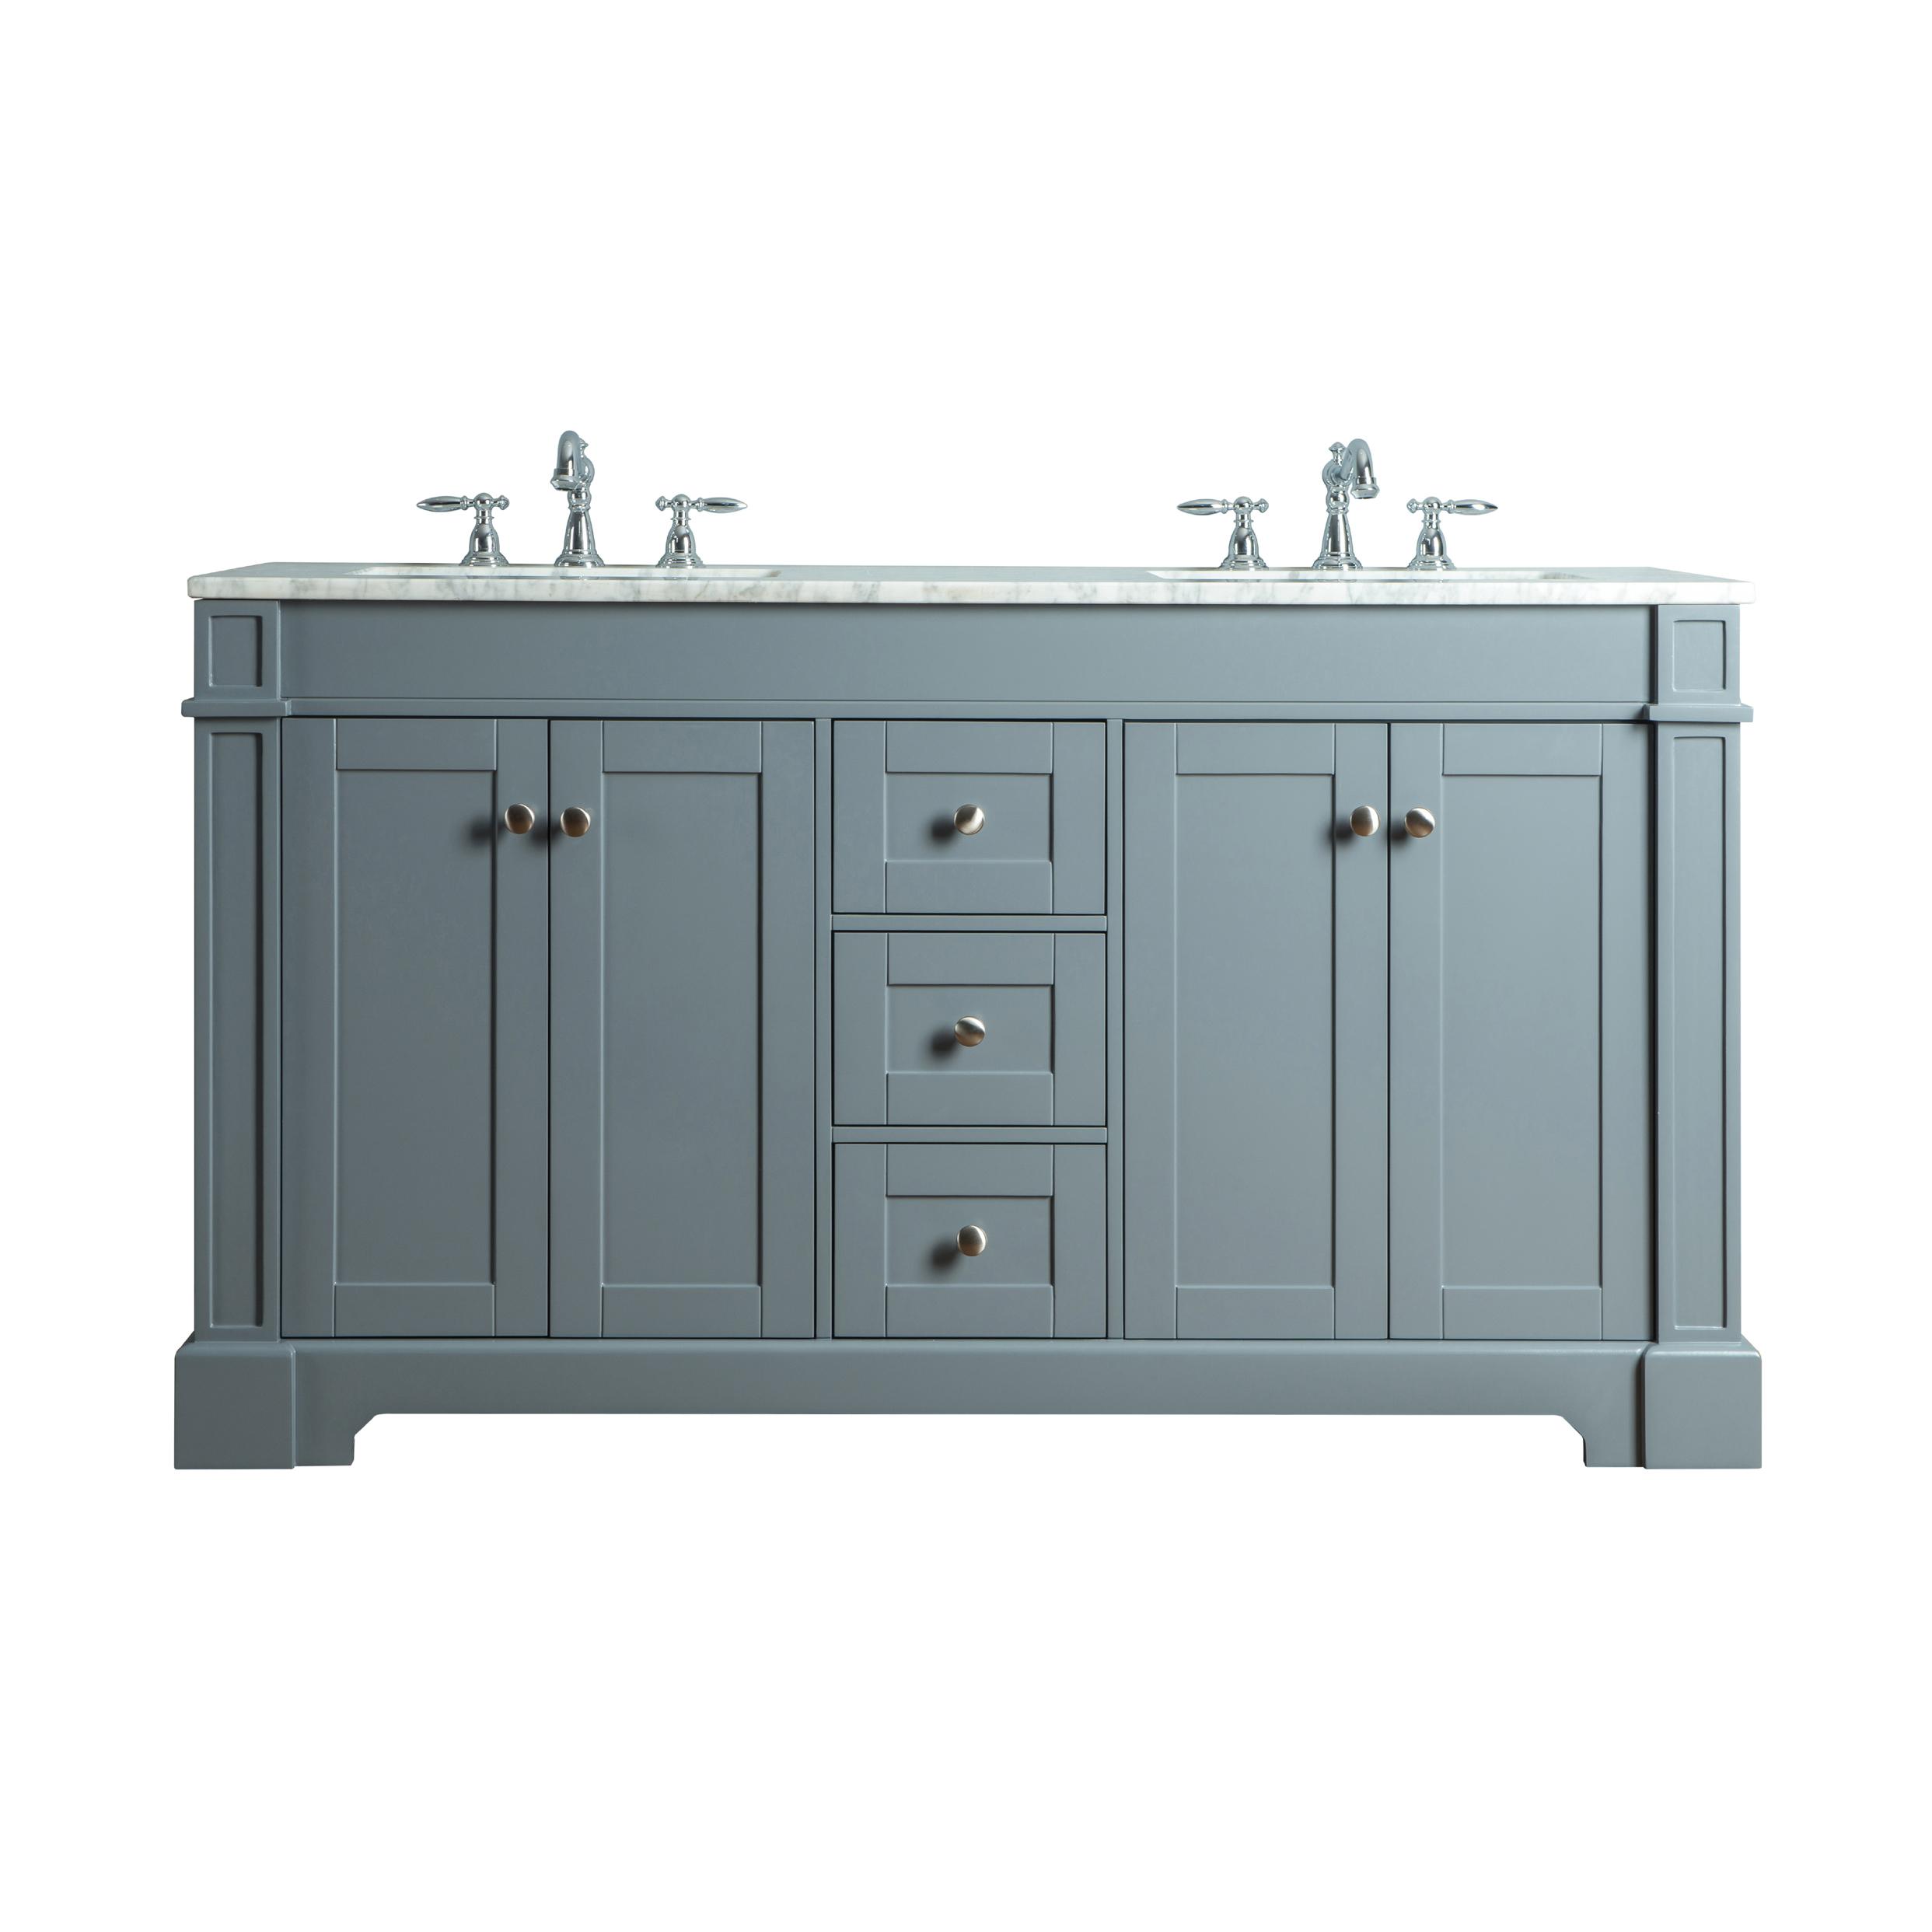 Myhomeandbath Es Double Sink Bathroom Vanity Grey Seine